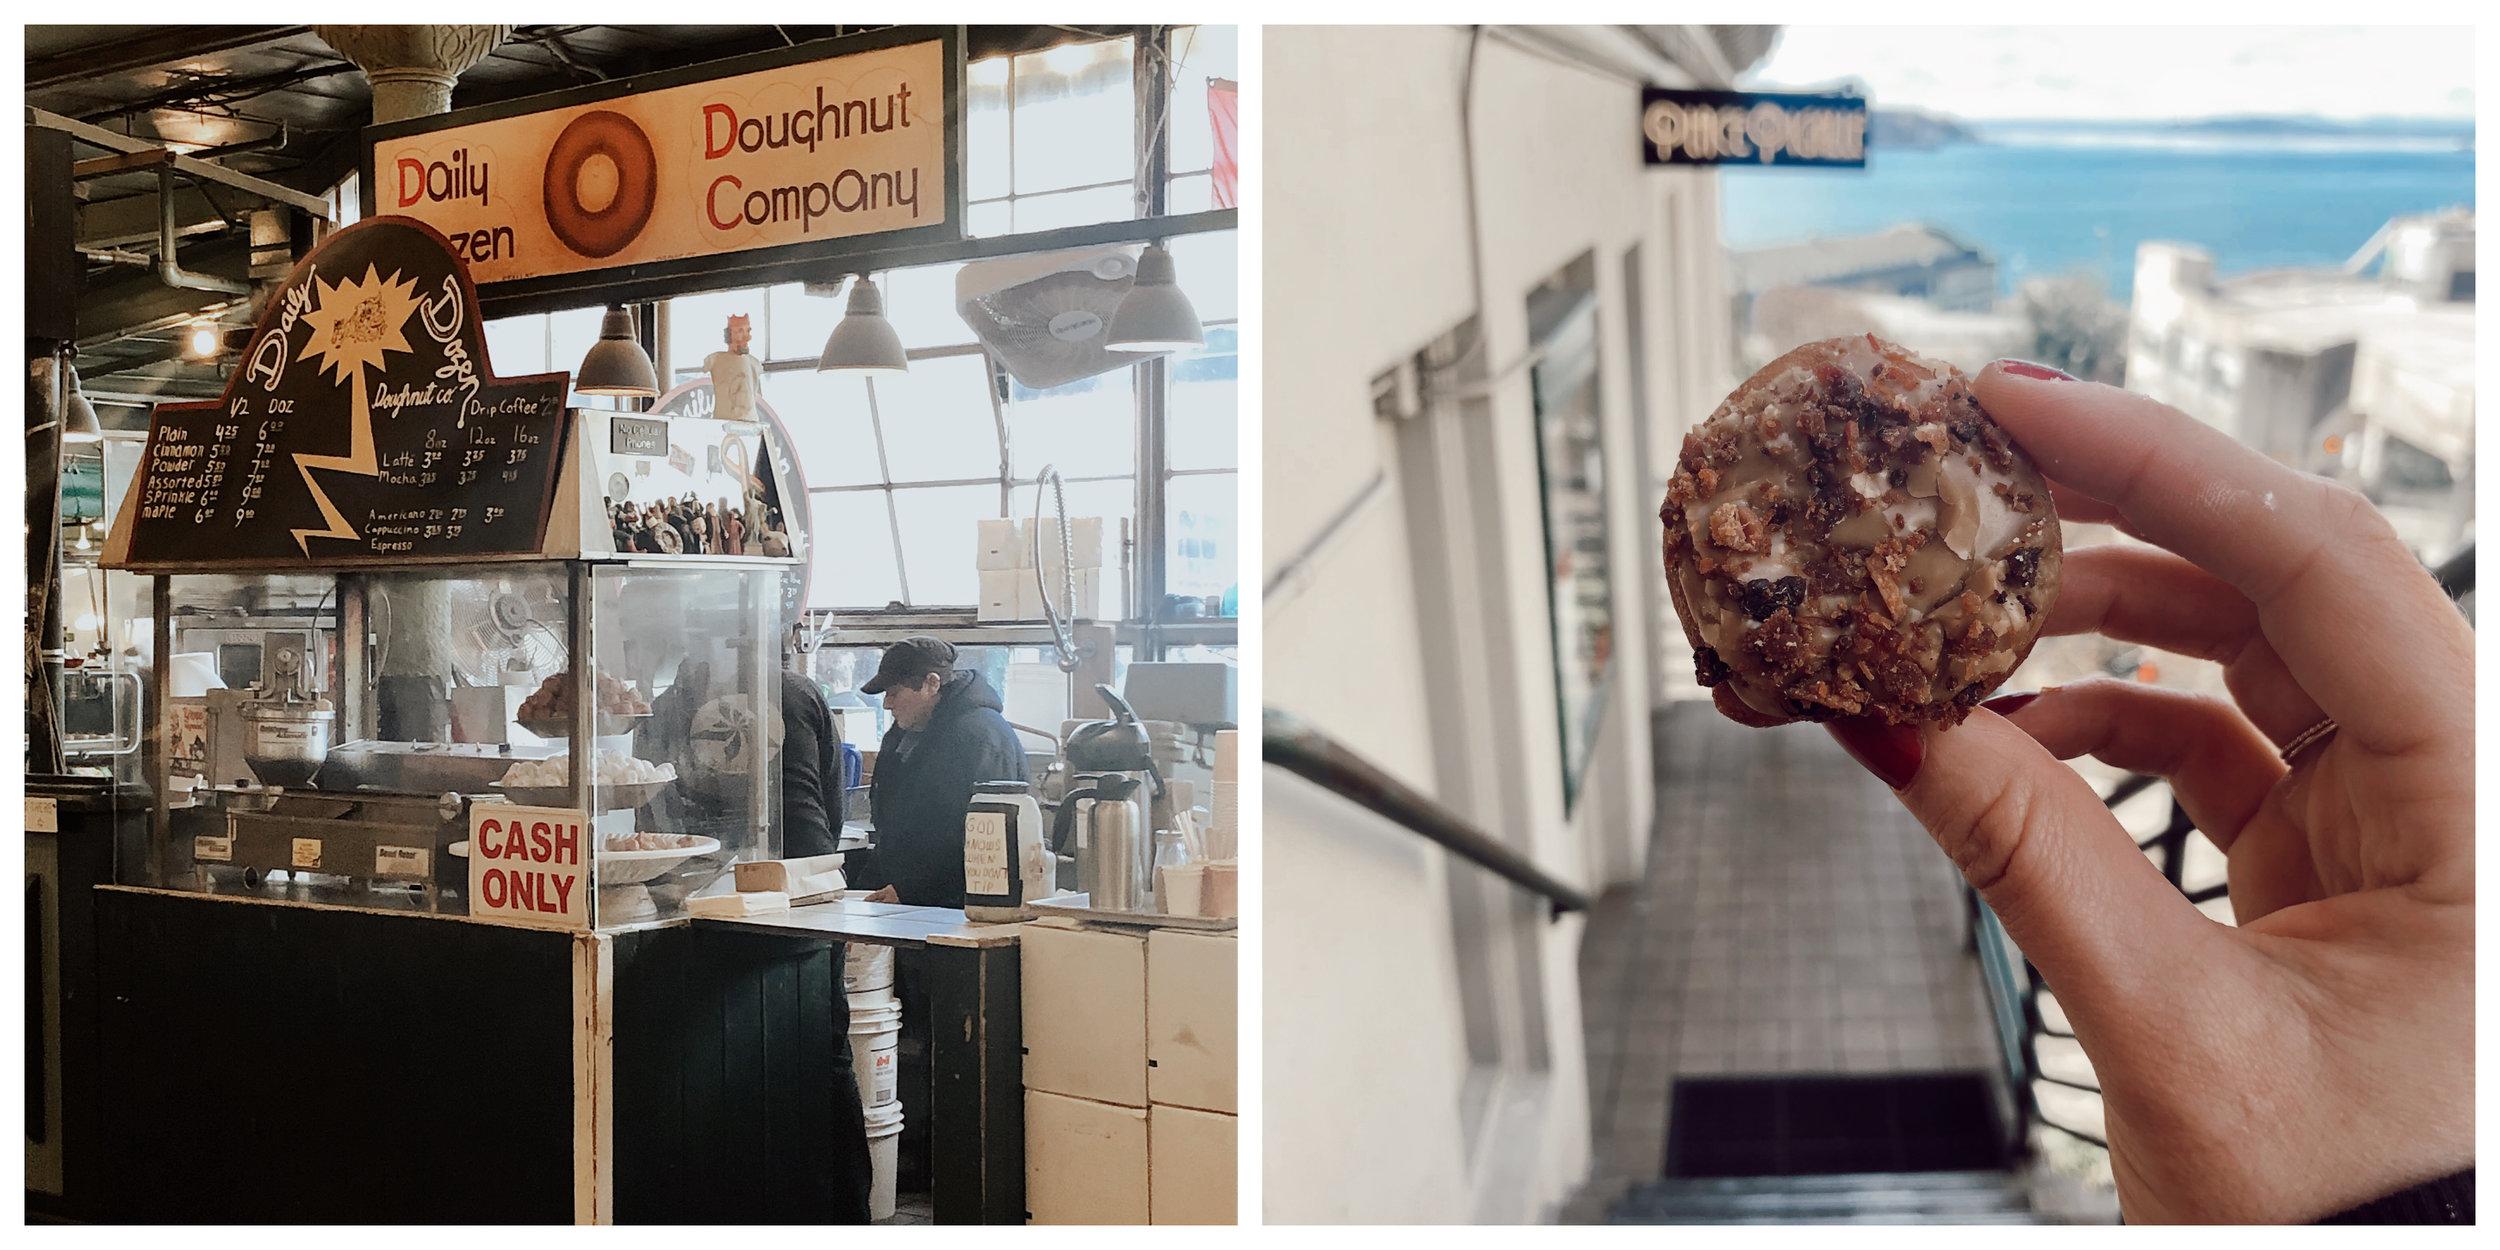 Daily Dozen Doughnut Company & Maple and Bacon Doughnut